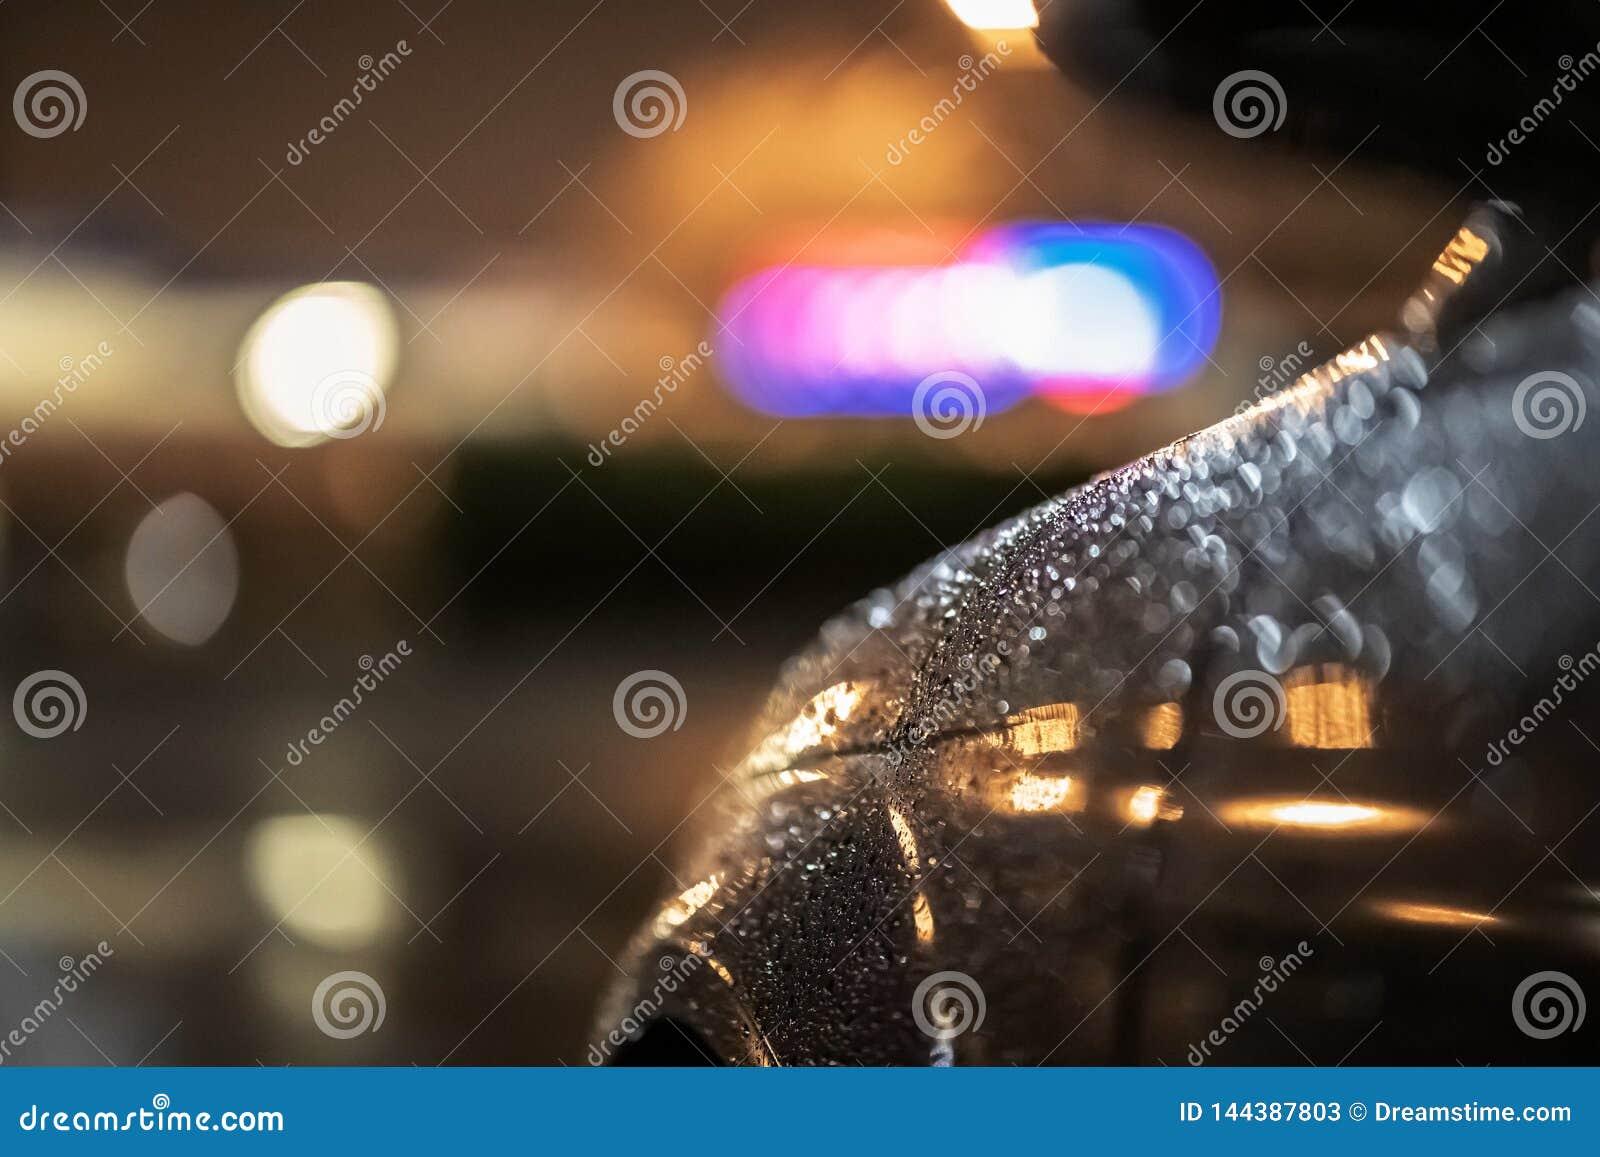 Κλείστε επάνω ενός δραματικού μαύρου αυτοκινήτου τη νύχτα, περιμένοντας στους φωτεινούς σηματοδότες στη δυνατή βροχή